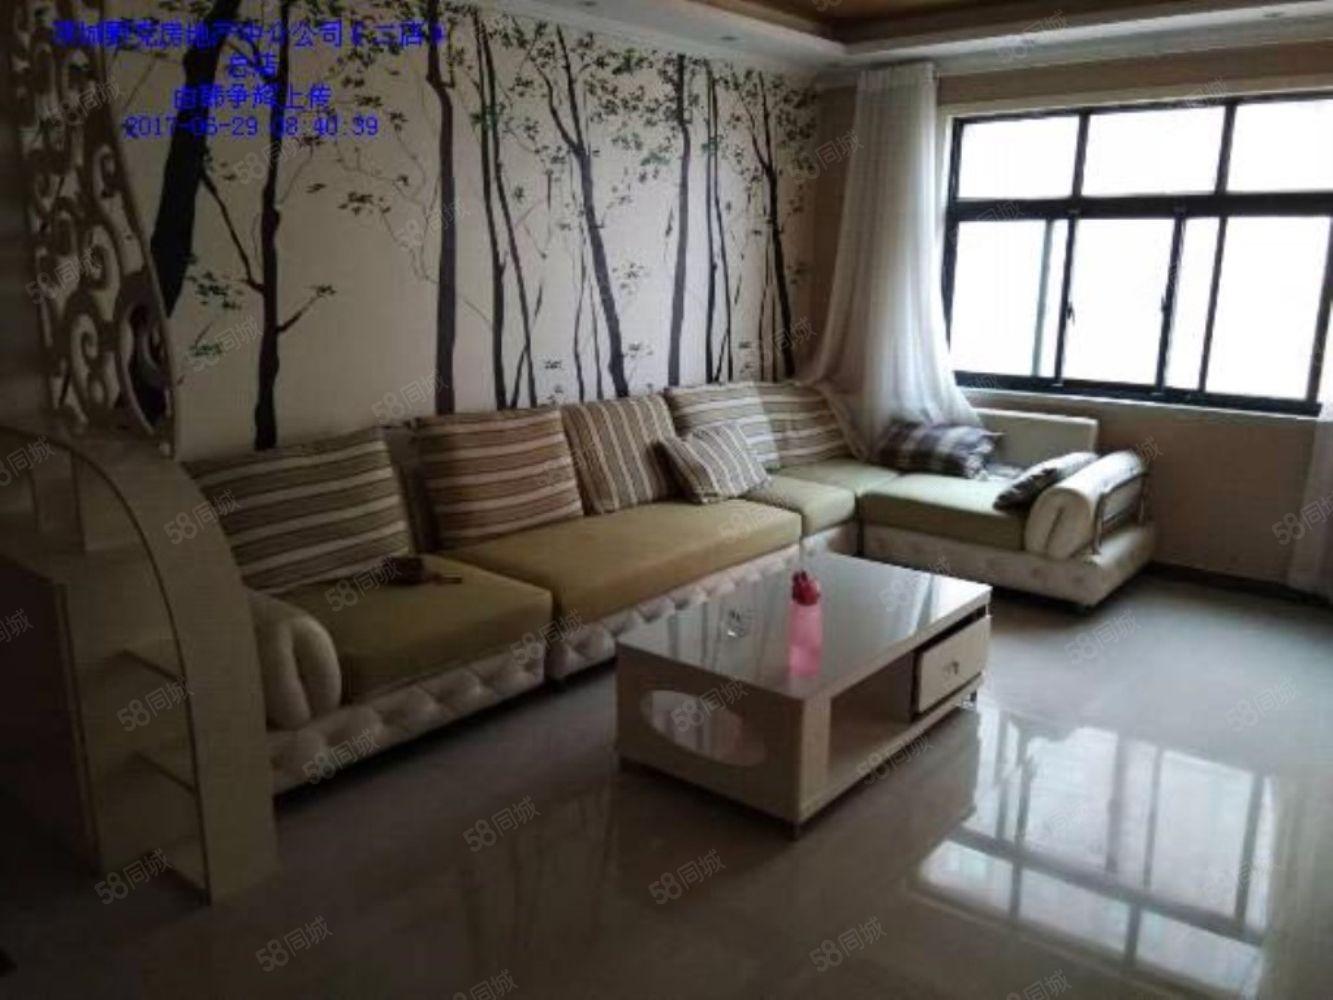 交通路嘉禾明珠小区,电梯房,精装修婚房出租,家具家电全部齐全